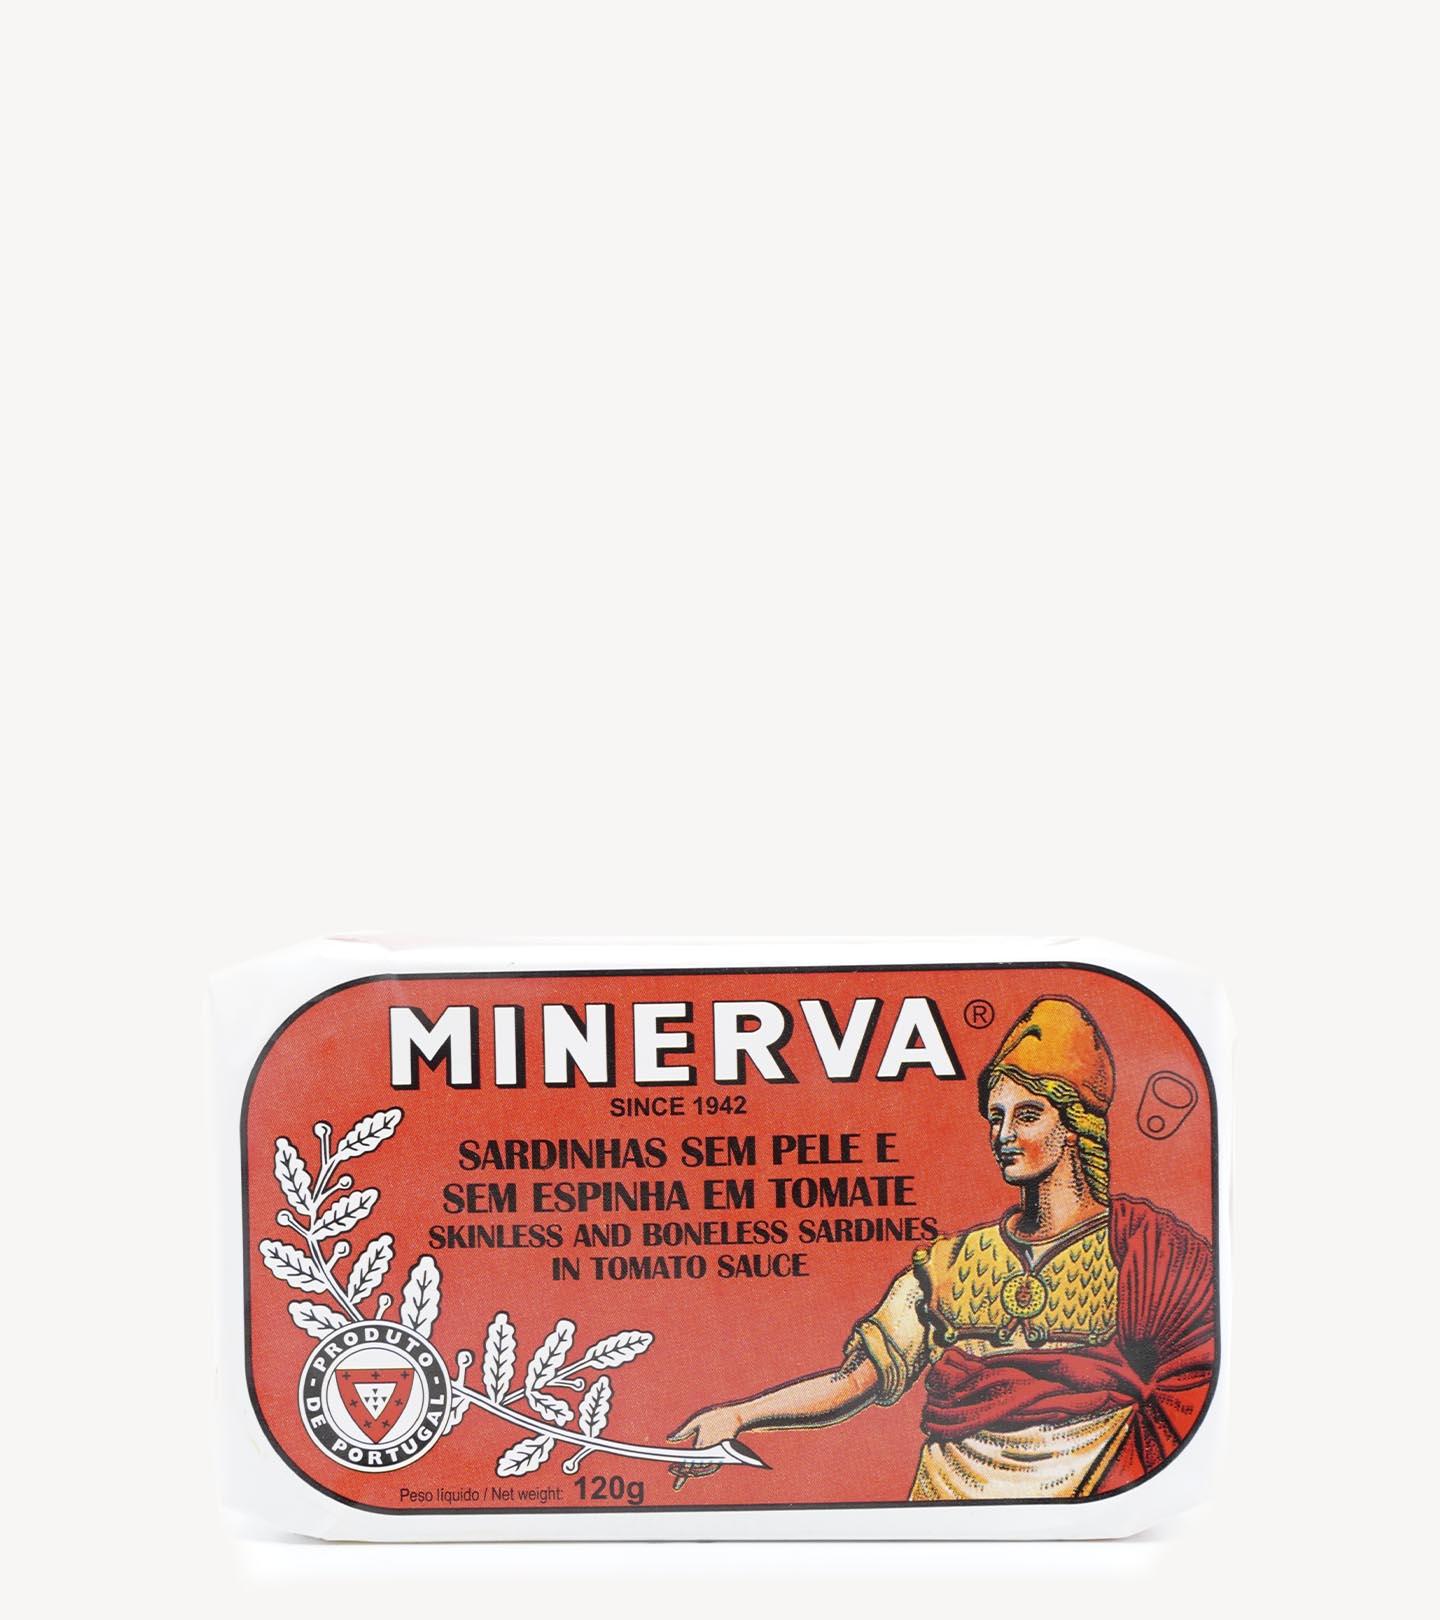 Sardinhas Sem Pele e Sem Espinha em Tomate Minerva 120g